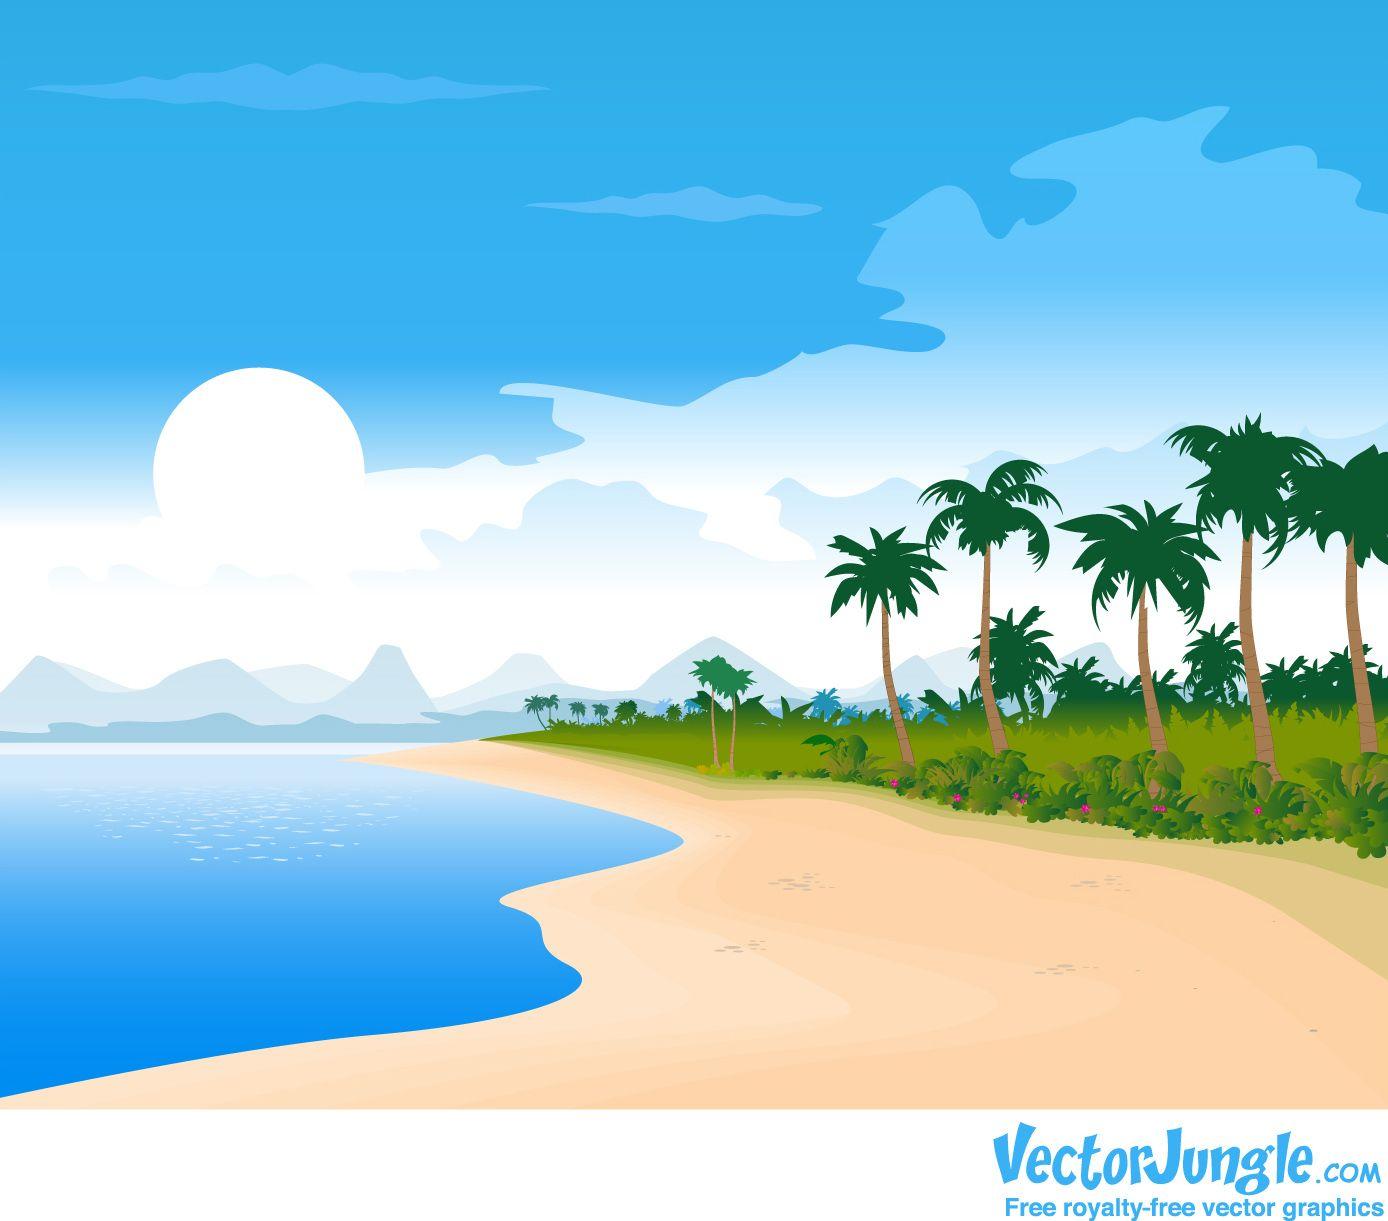 Cartoon Beach Wallpaper Cartoon Images Beach Cartoon Beach Wallpaper Beach Images